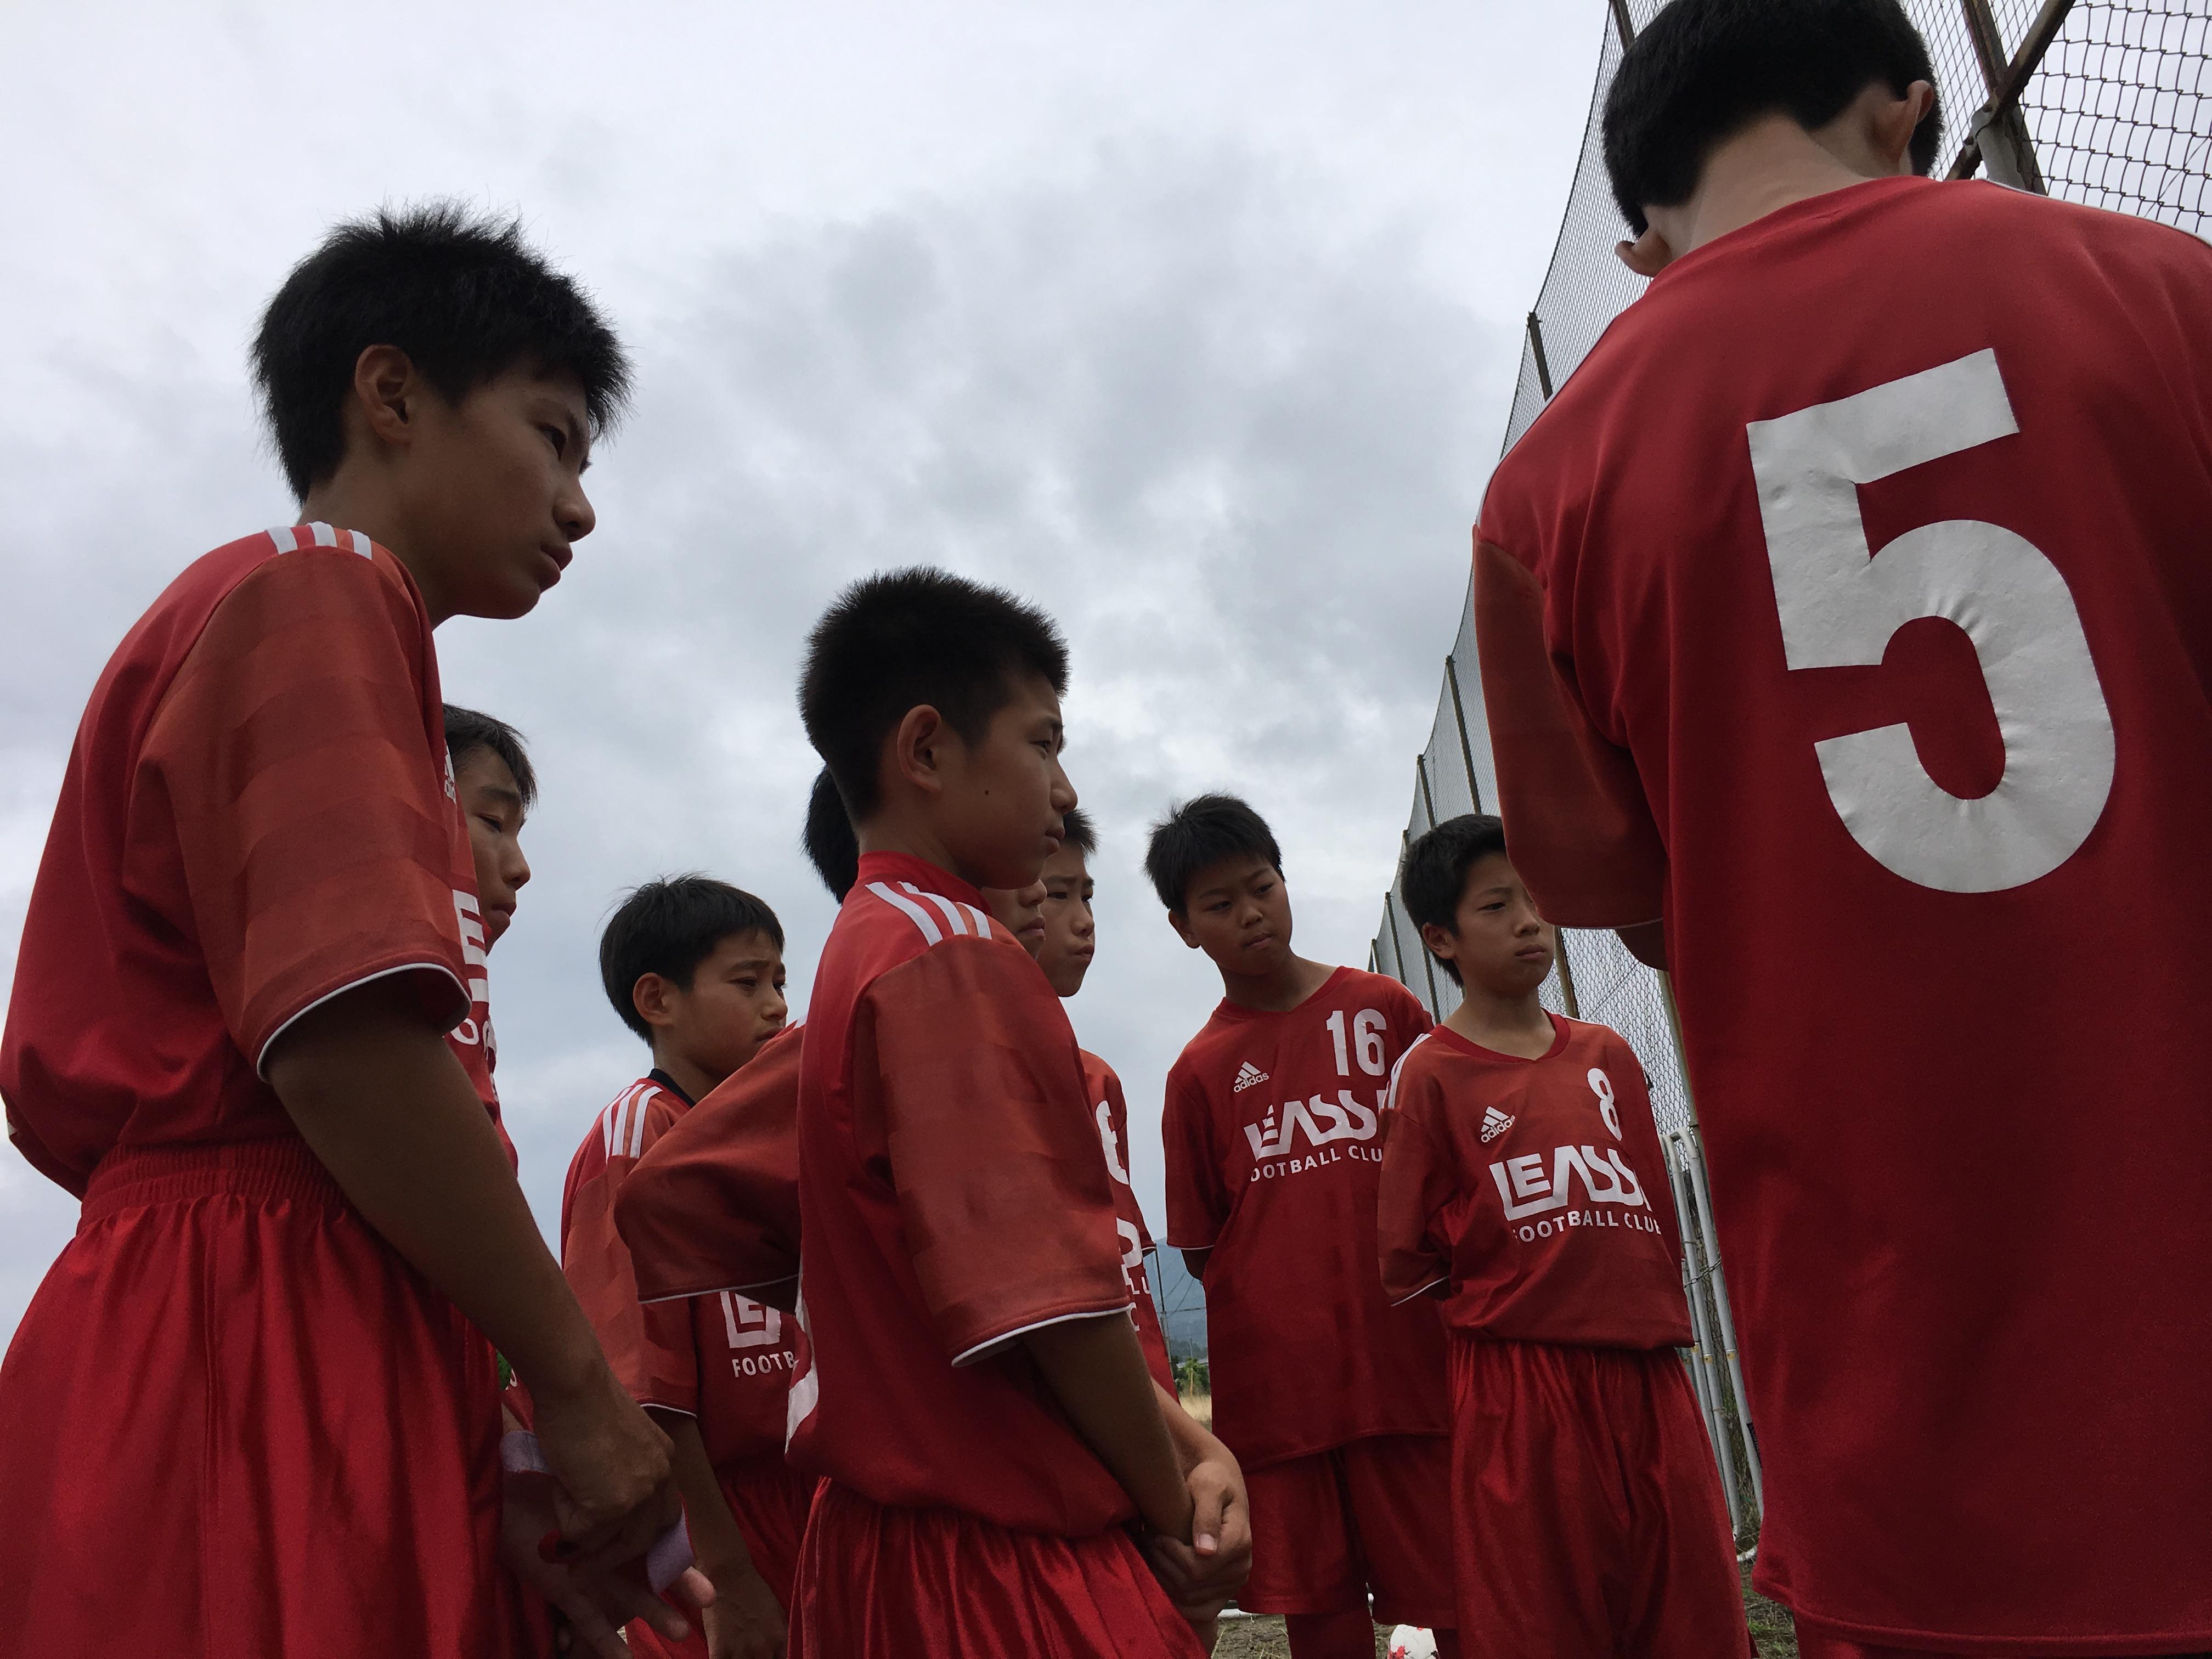 保護者のための【2分でわかるサッカーのルール】-イエロー/レッドカードの対象となる反則-